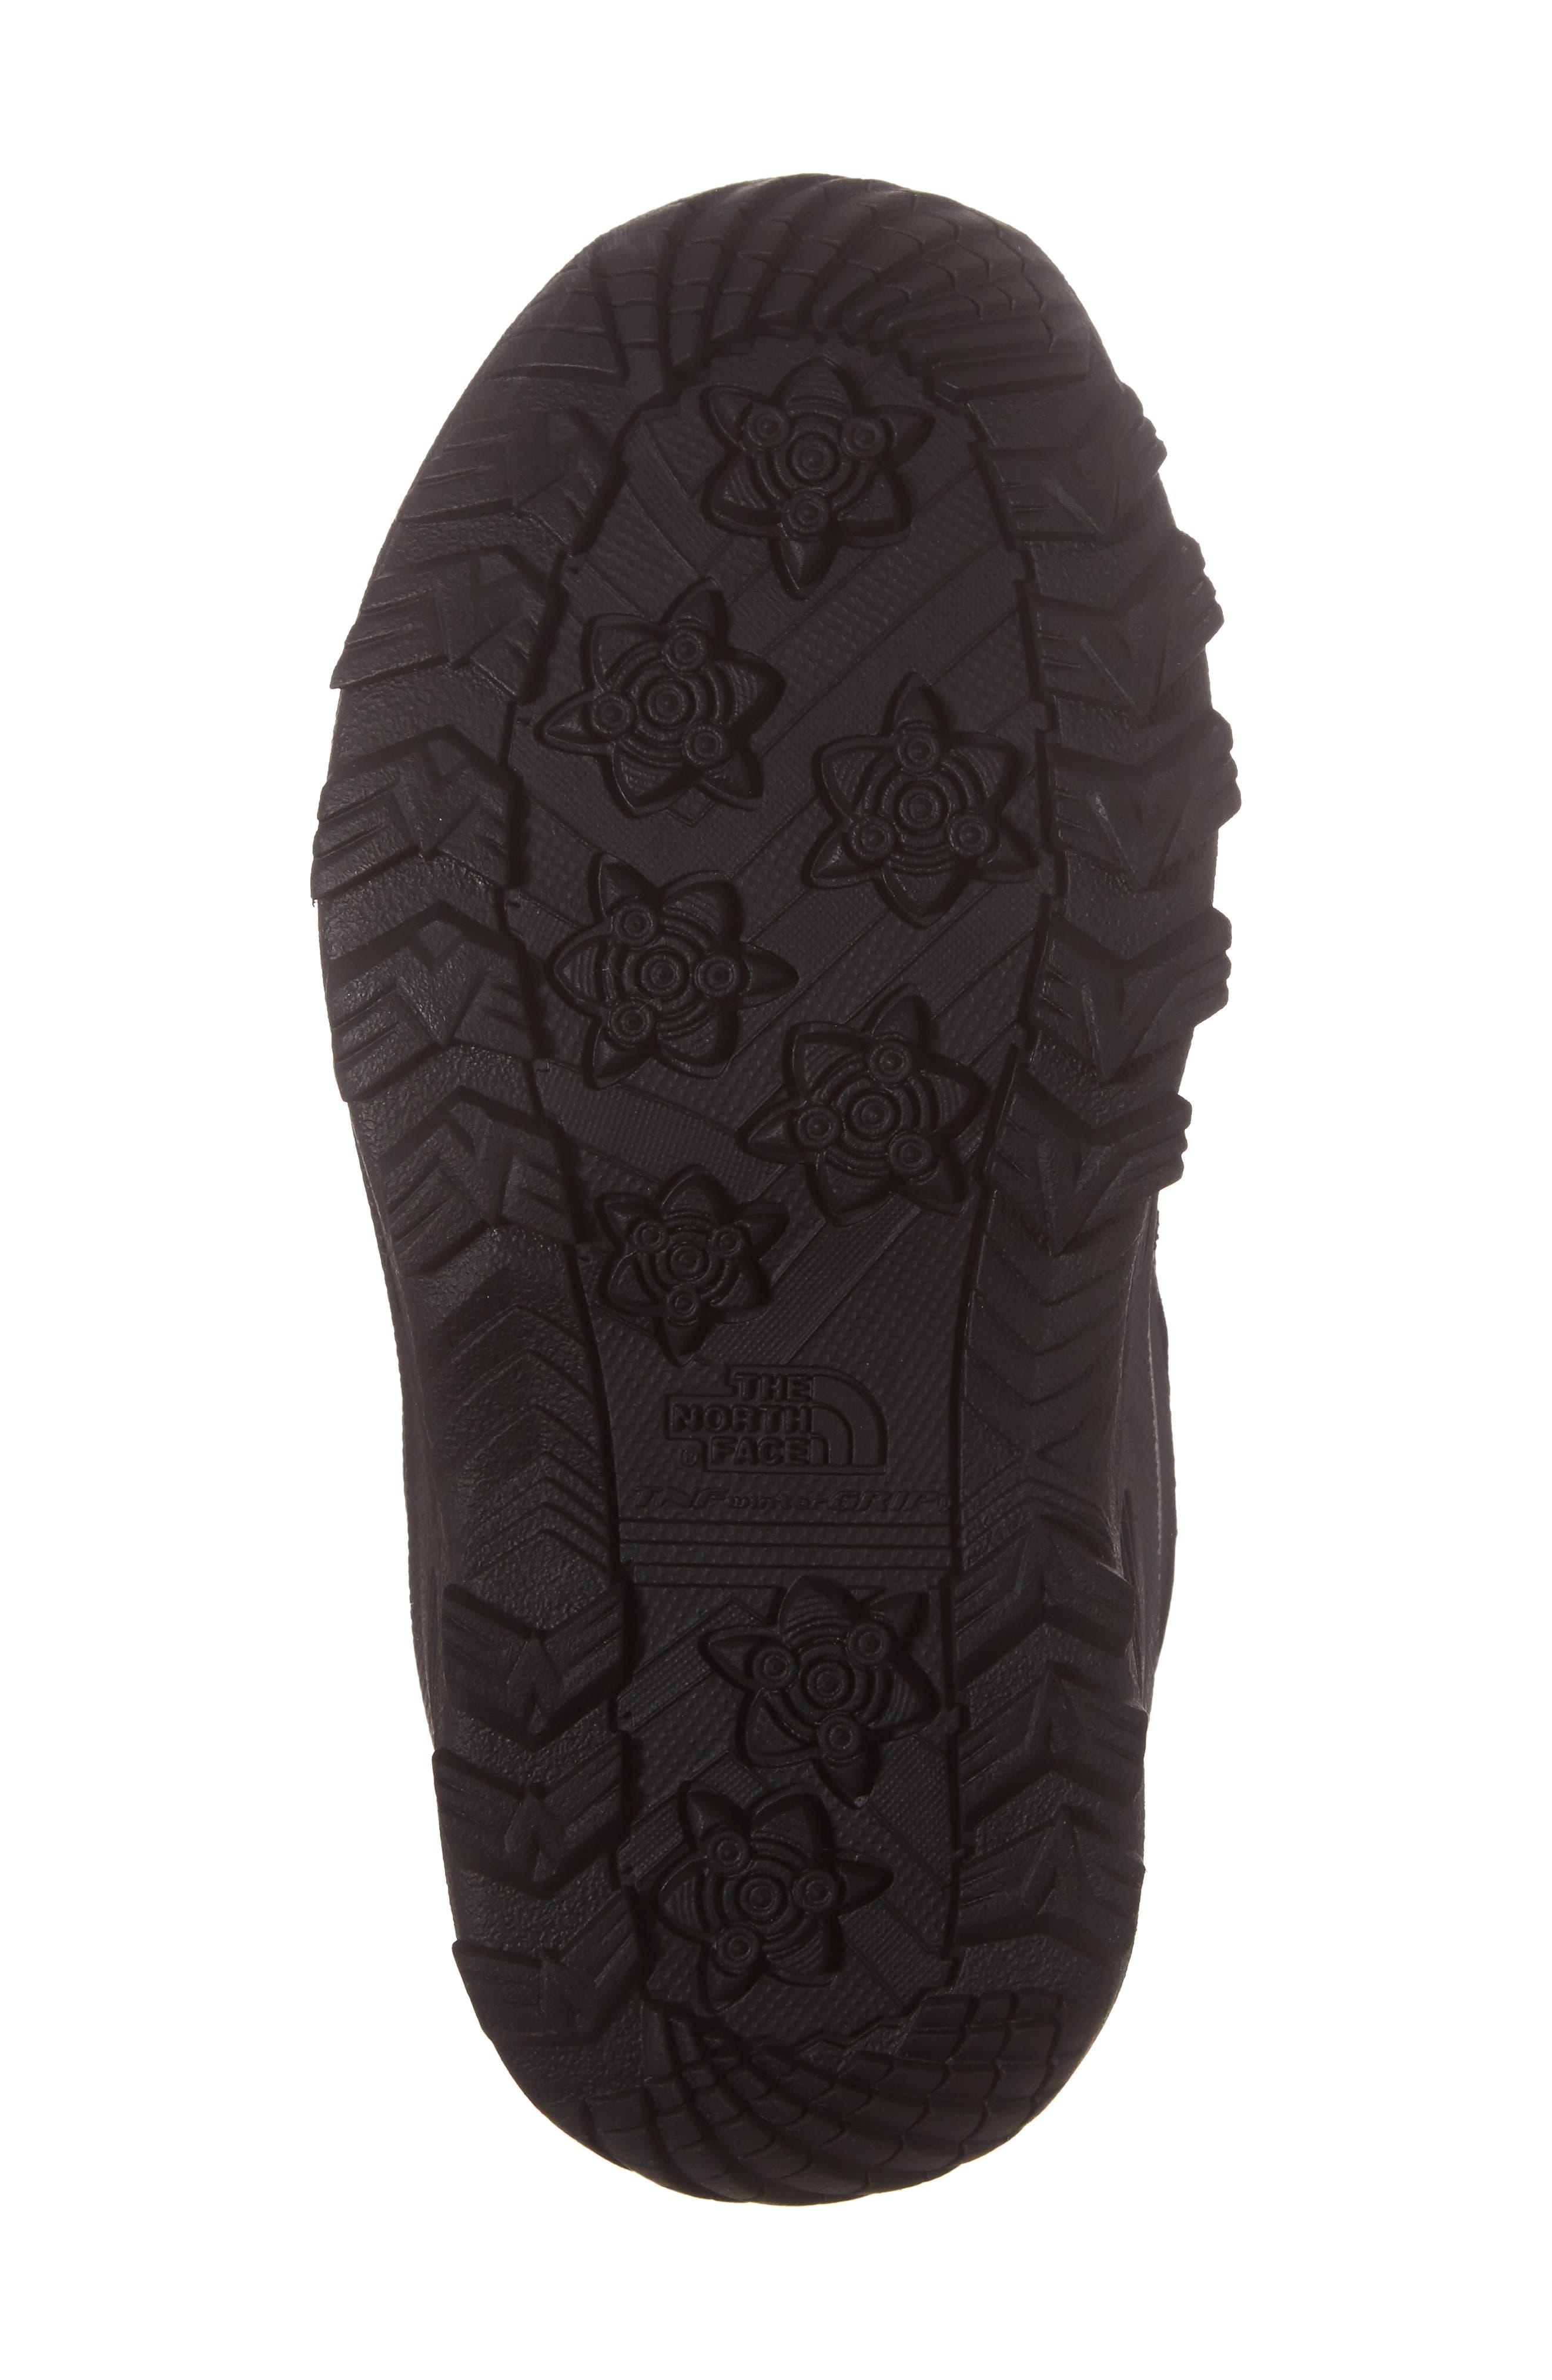 Shellista Lace III Faux Fur Waterproof Boot,                             Alternate thumbnail 16, color,